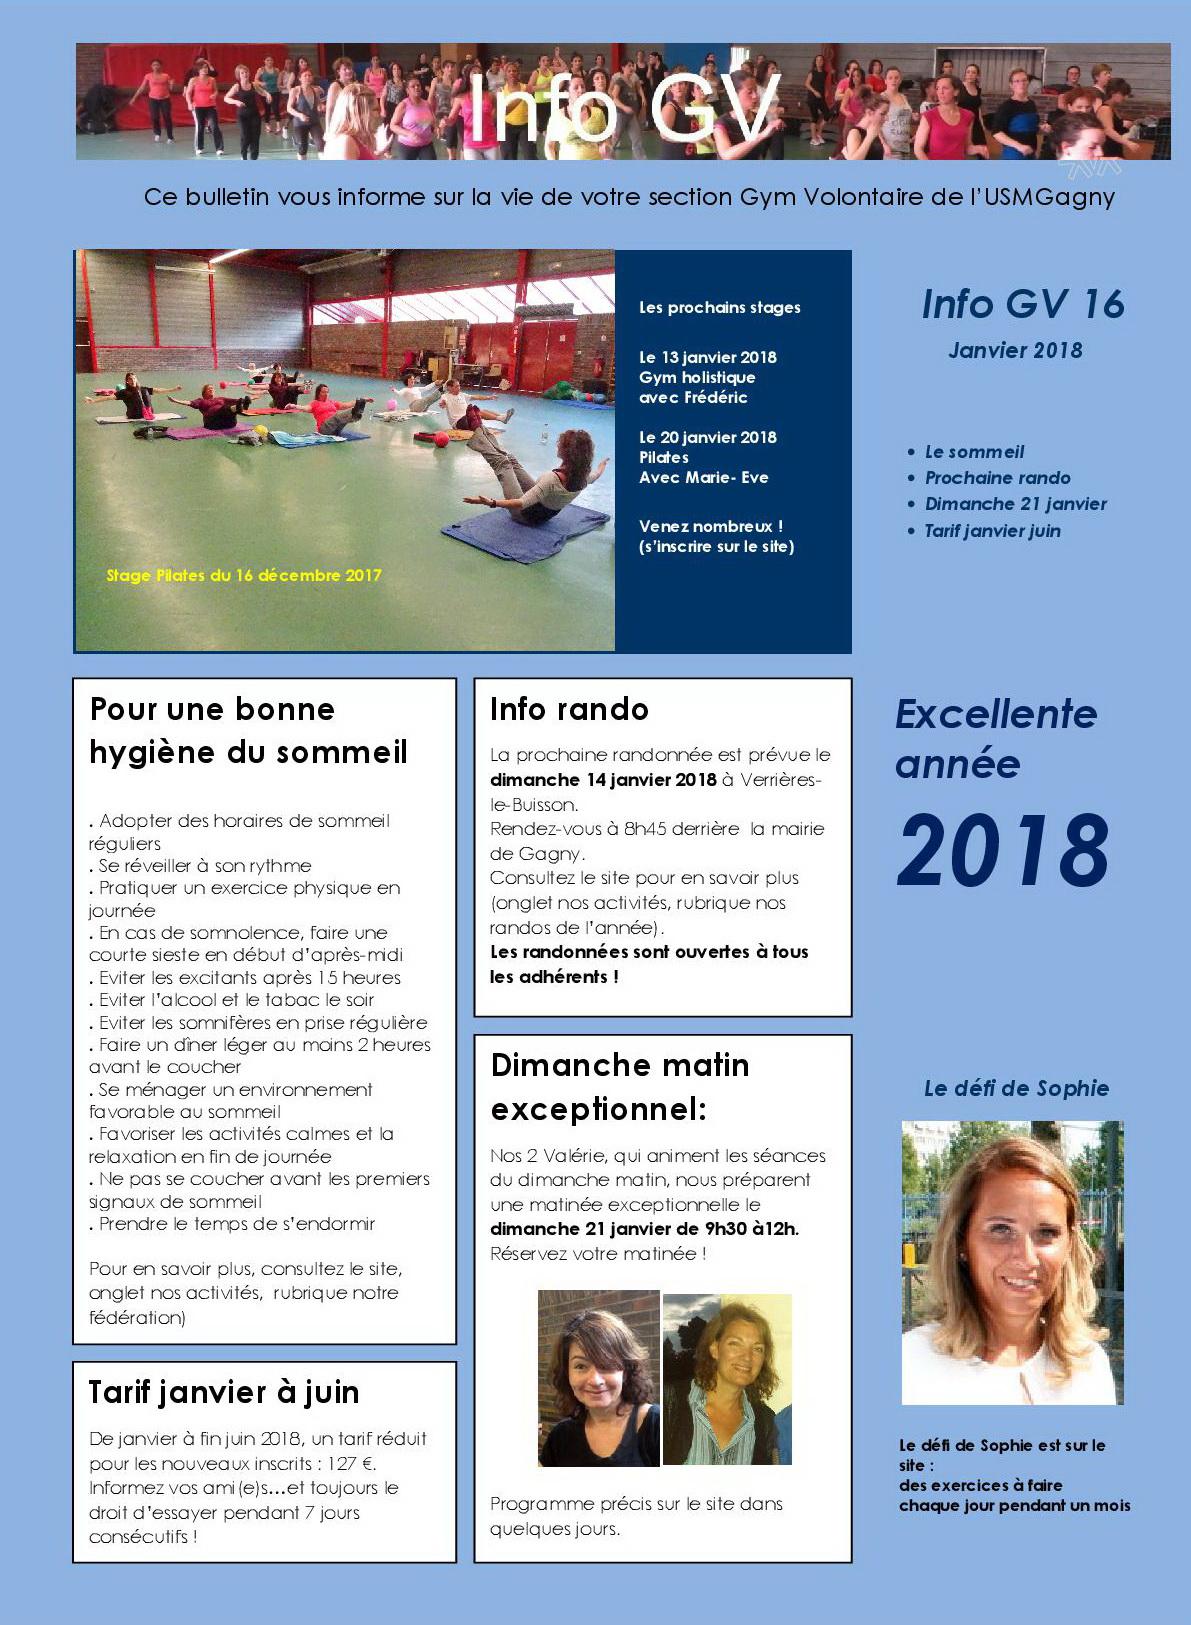 Info gv 16